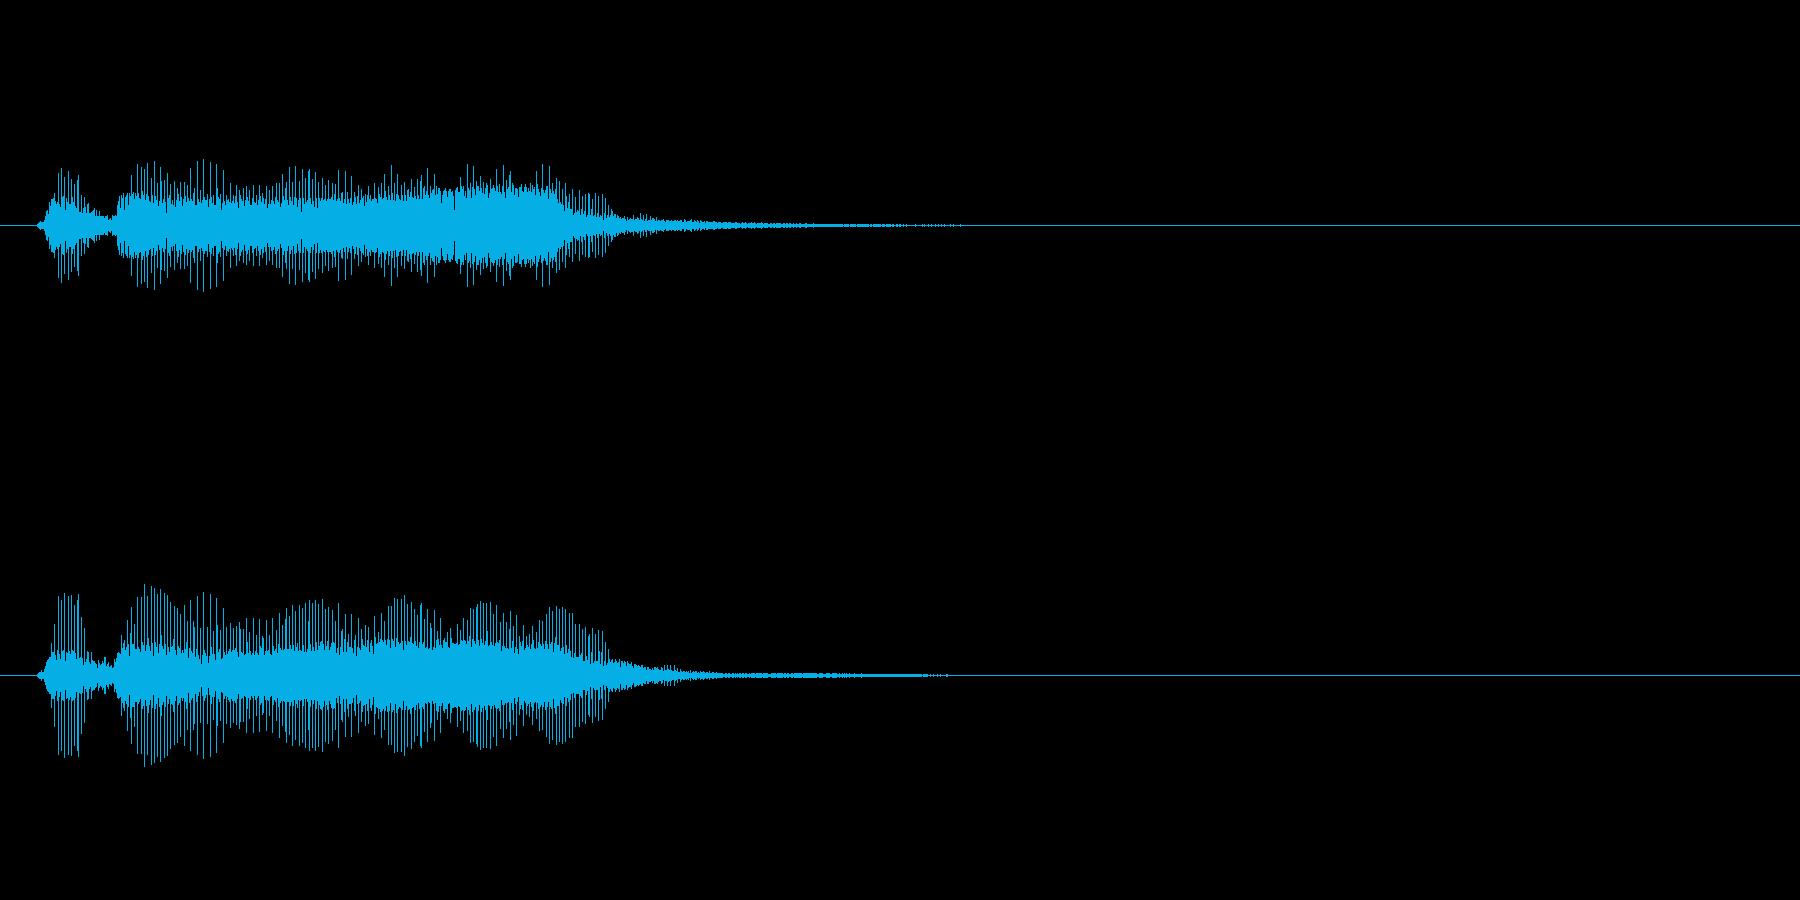 【フレーズ02-2】の再生済みの波形